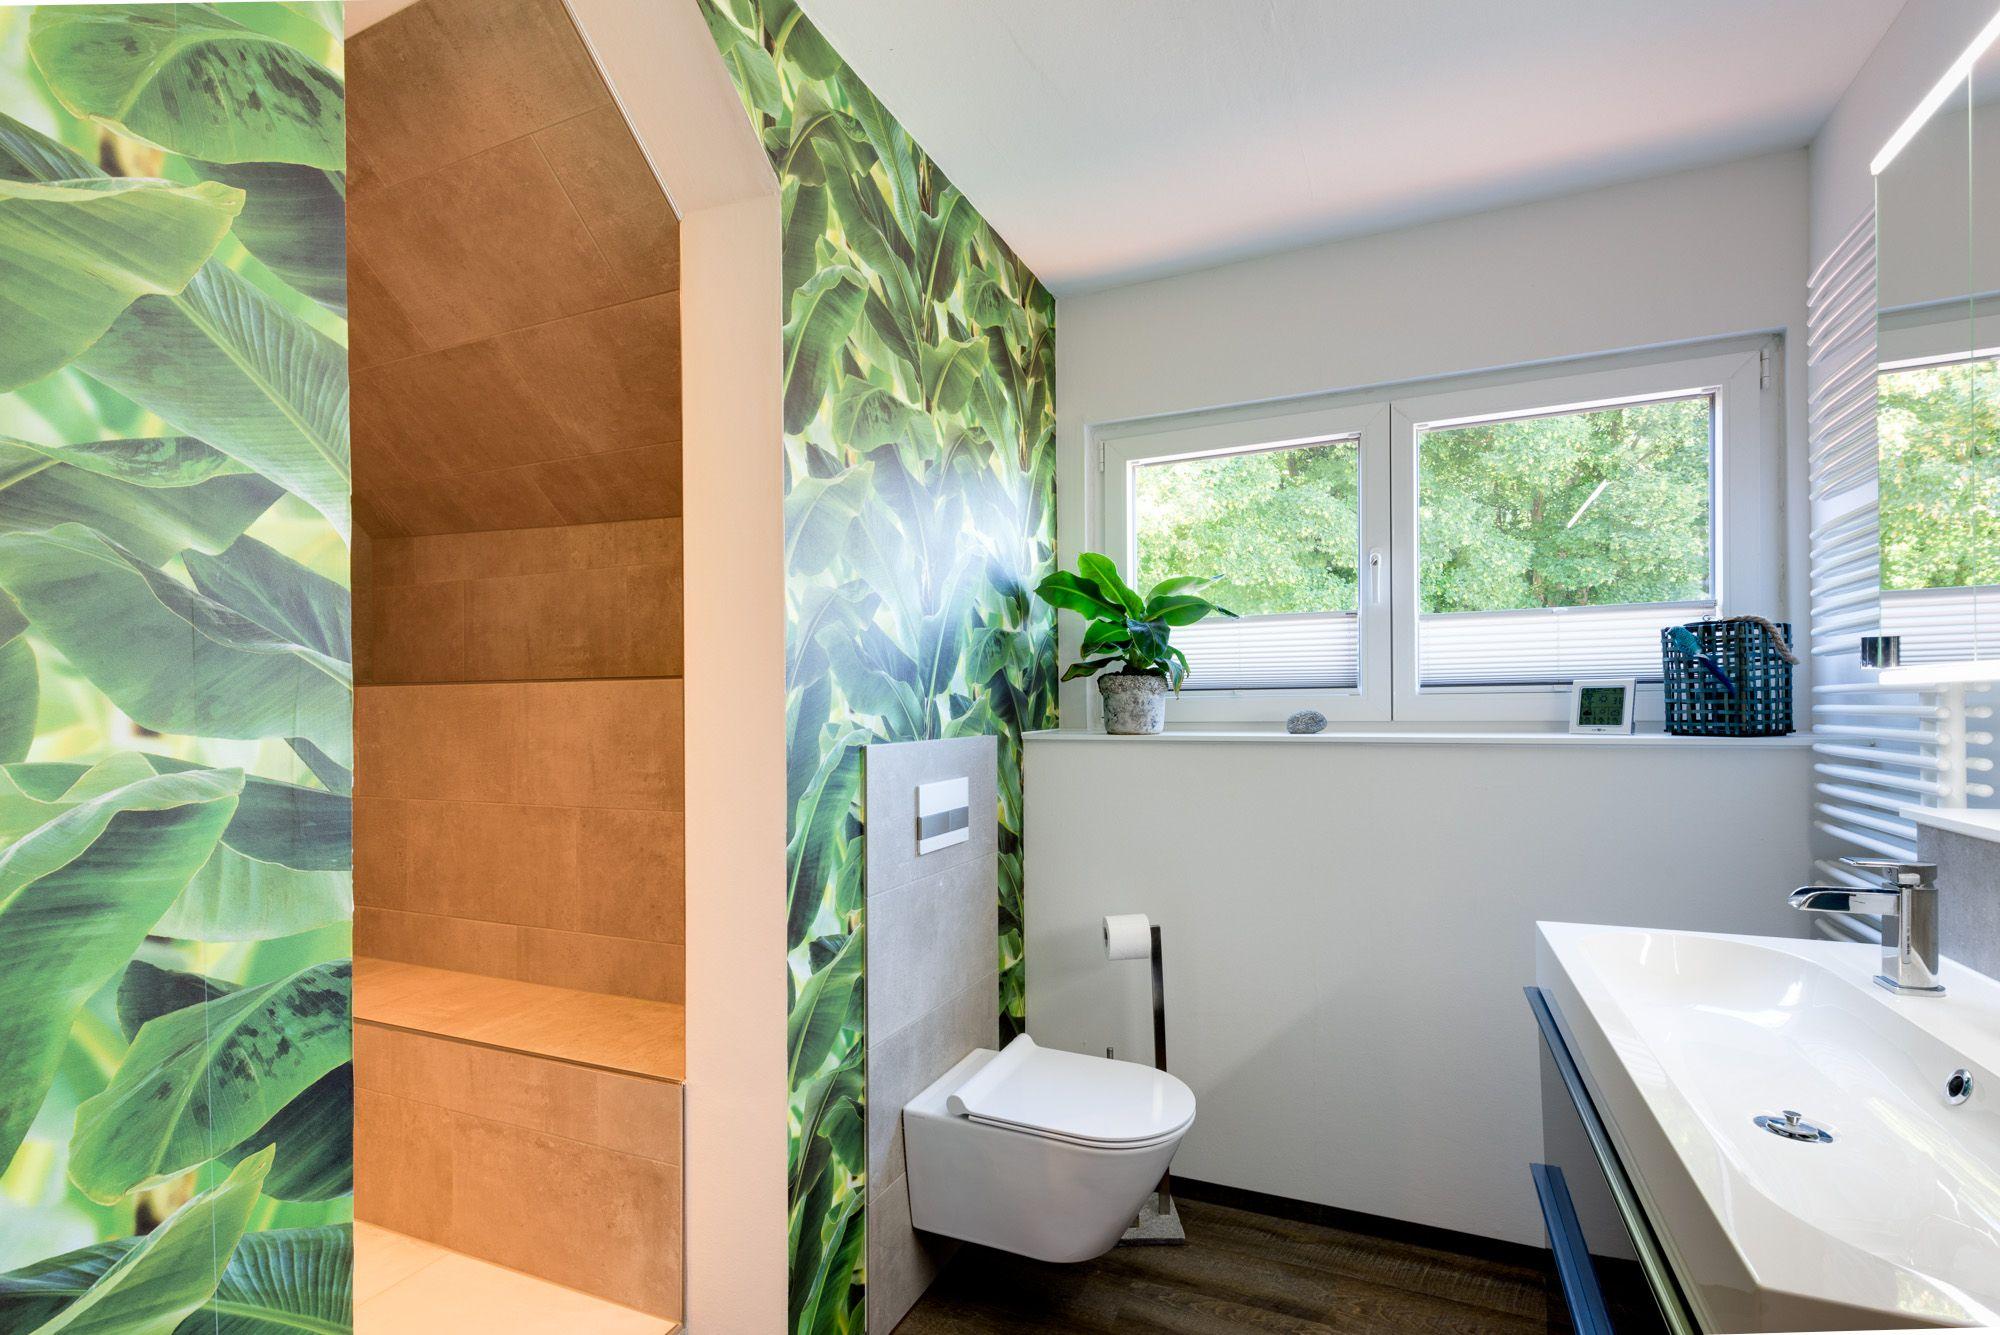 Badezimmer ideen dekor klein pflanzenmotive für lebendiges flair das hängewc wurde vor einem